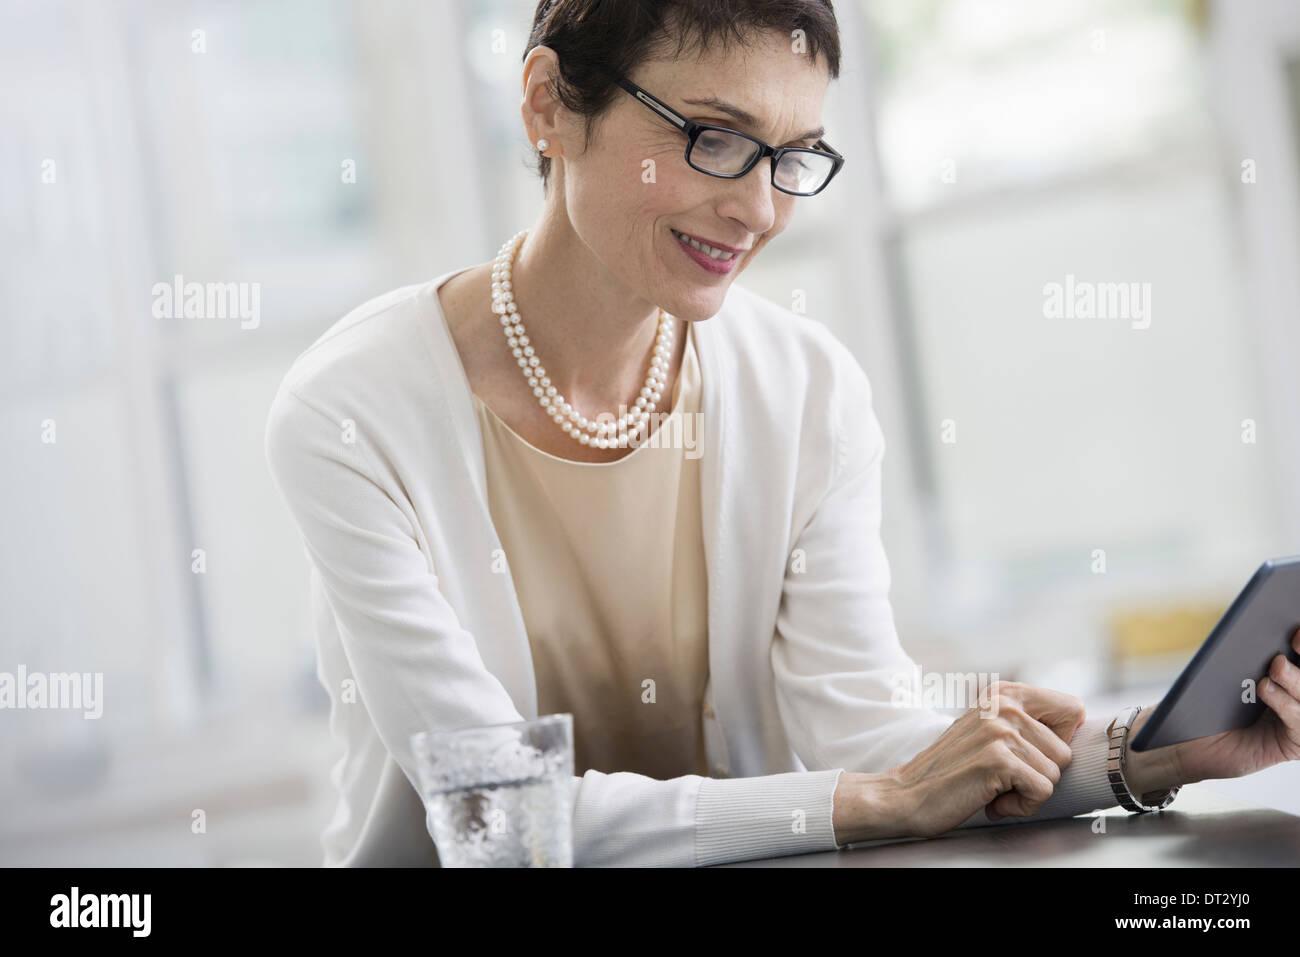 Les jeunes professionnels au travail une femme dans un bureau à l'aide d'une tablette numérique Banque D'Images